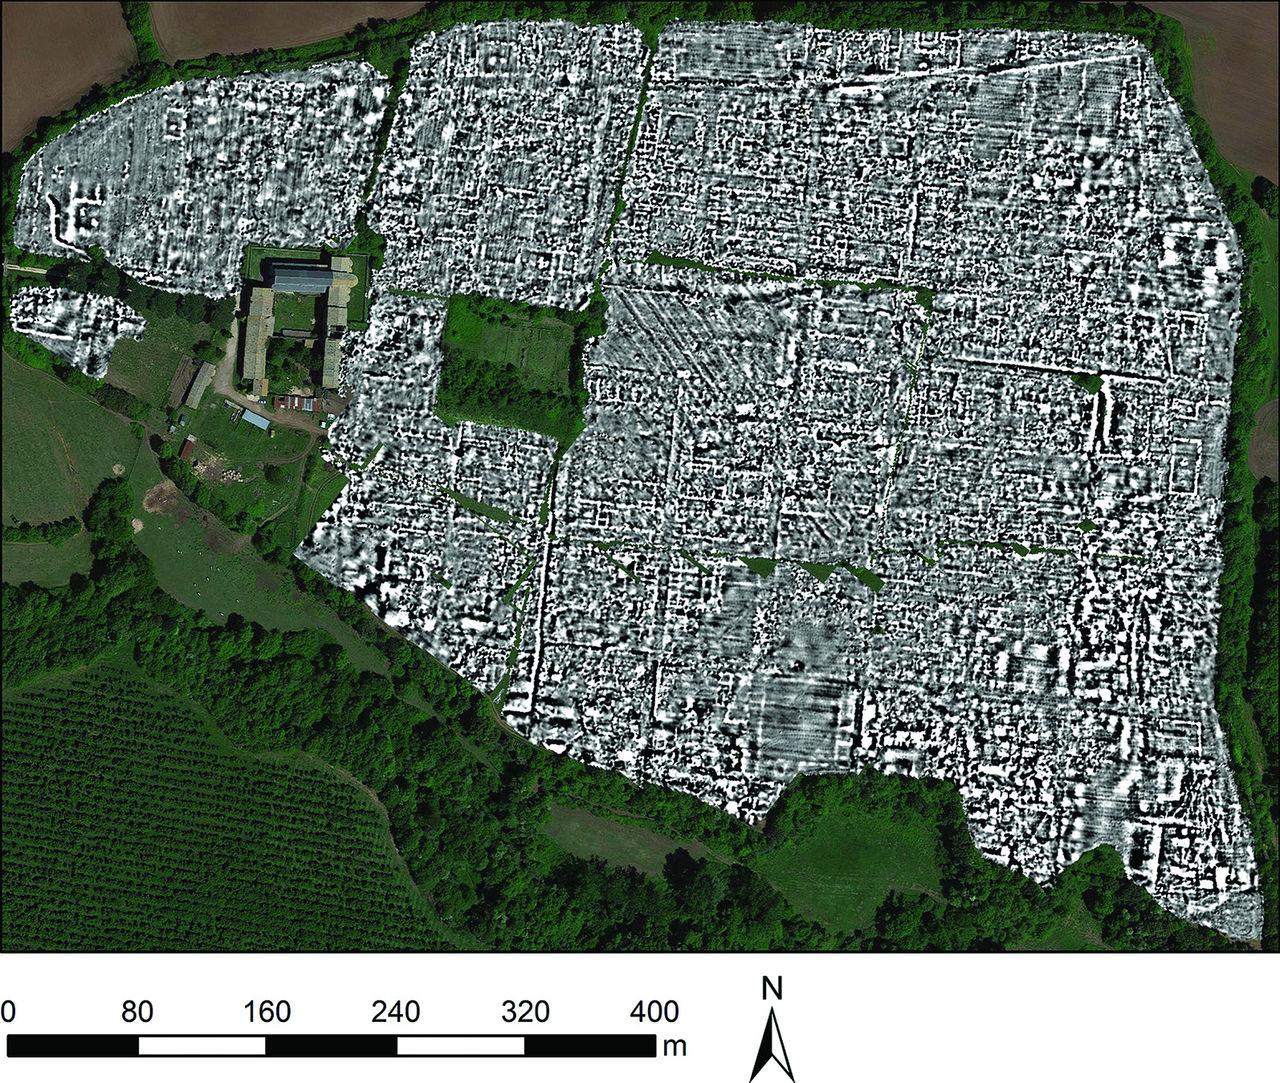 Forntida romersk stad kartlagd med hjälp av radar